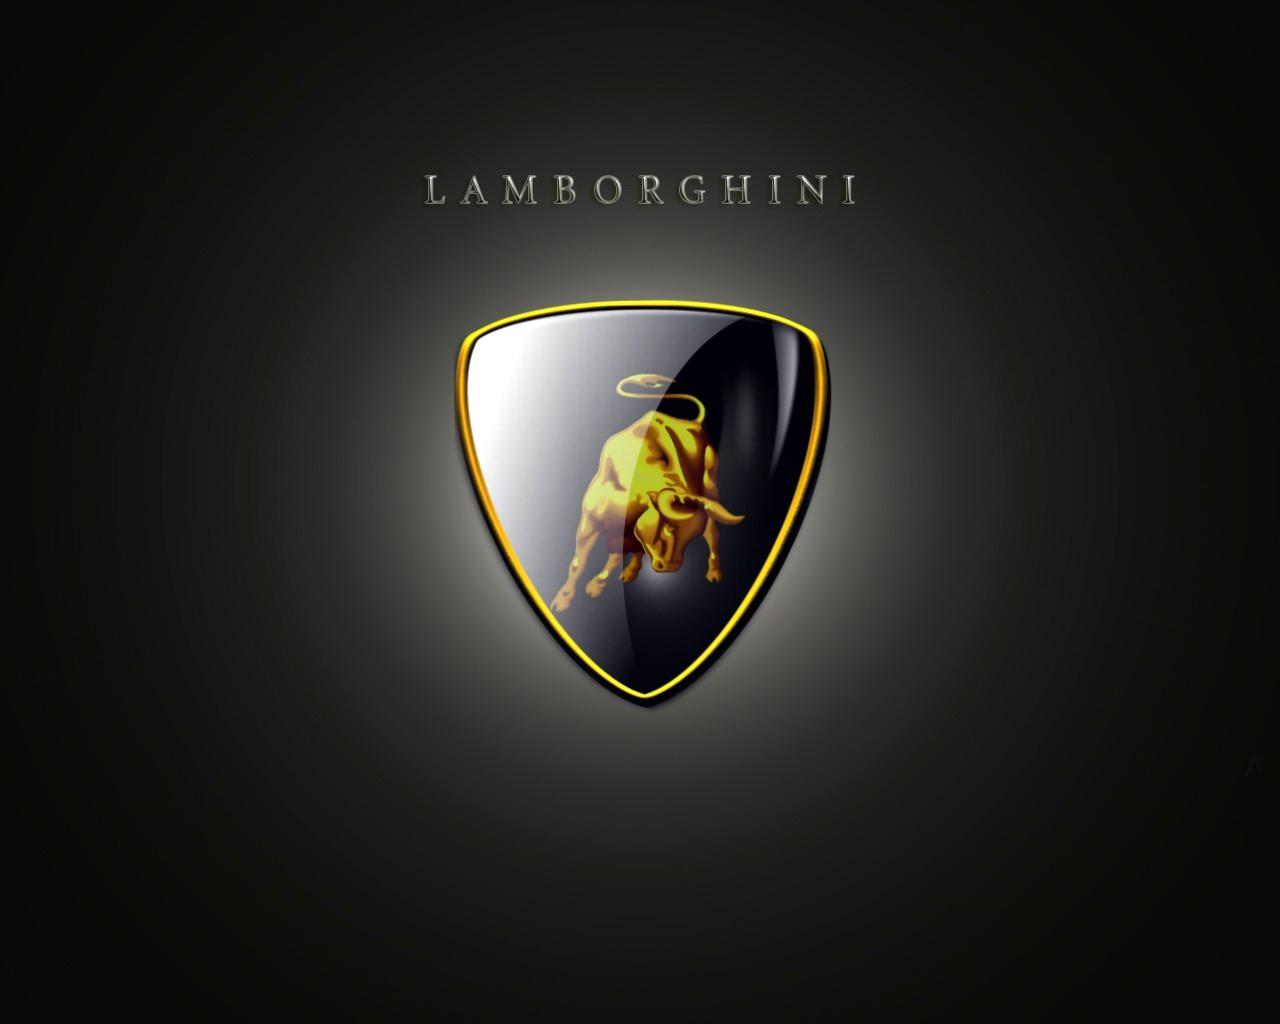 10513 скачать обои Машины, Ламборджини (Lamborghini), Бренды, Транспорт, Логотипы - заставки и картинки бесплатно